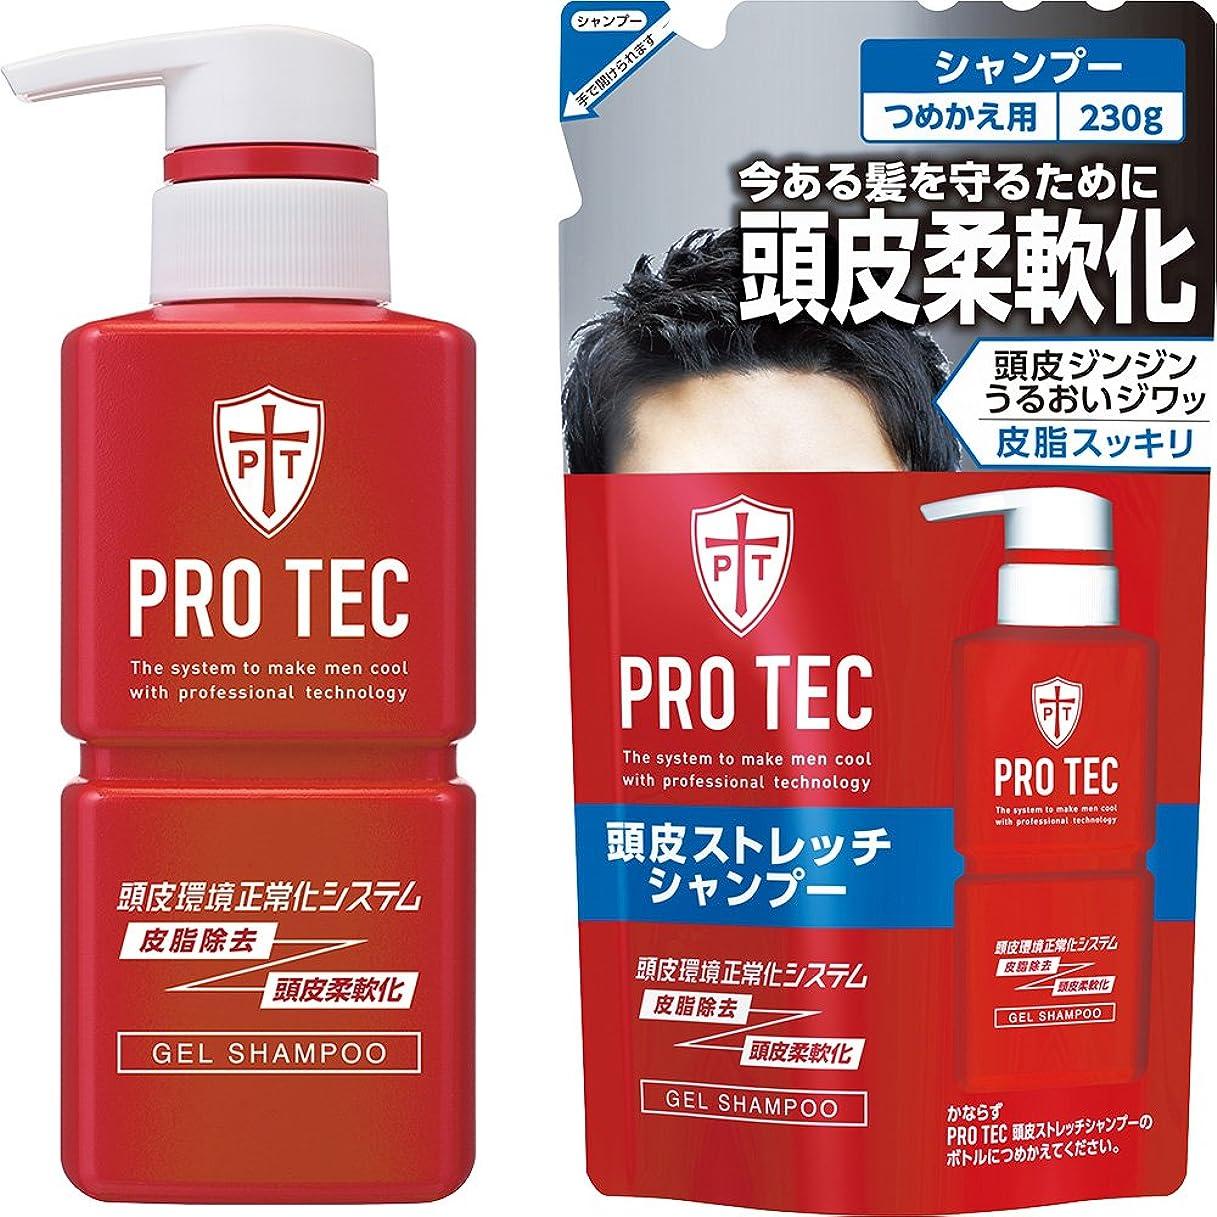 雹ロマンスマインドフルPRO TEC(プロテク) 頭皮ストレッチシャンプー 本体ポンプ300g+詰め替え230g セット(医薬部外品)